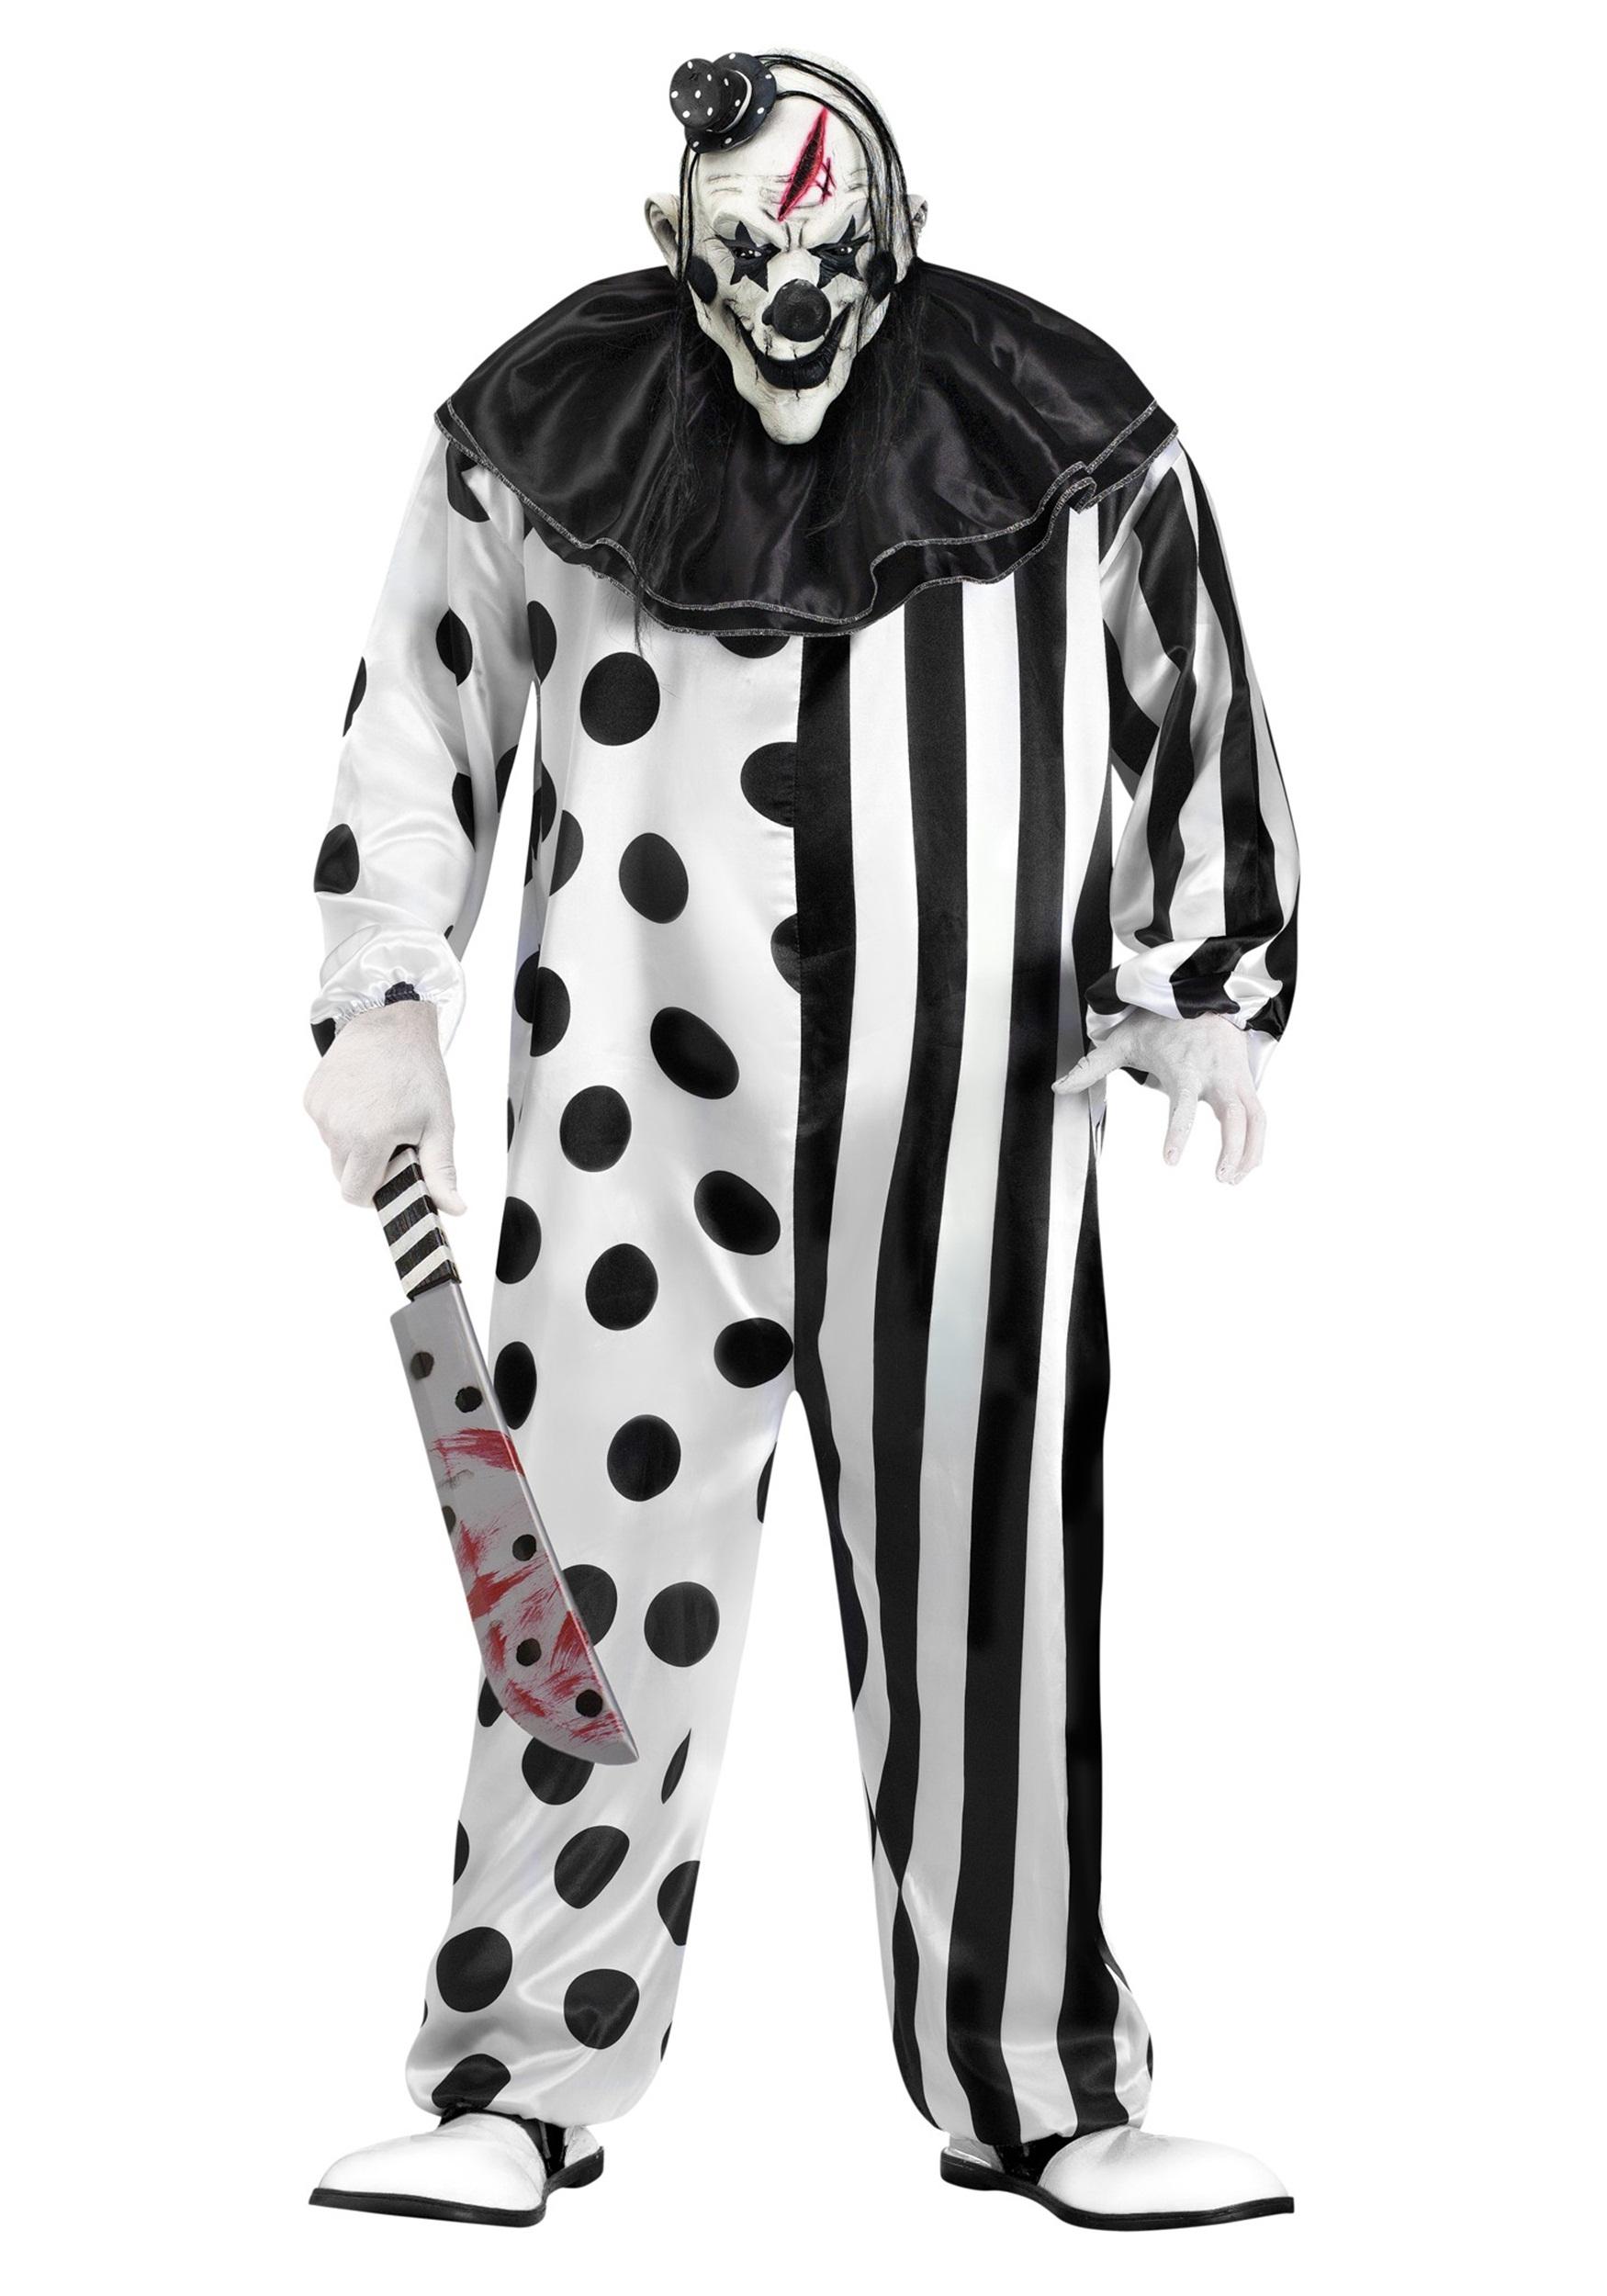 Killer Clown Plus Size Costume for Adults W/ Clown Mask & Jumpsuit